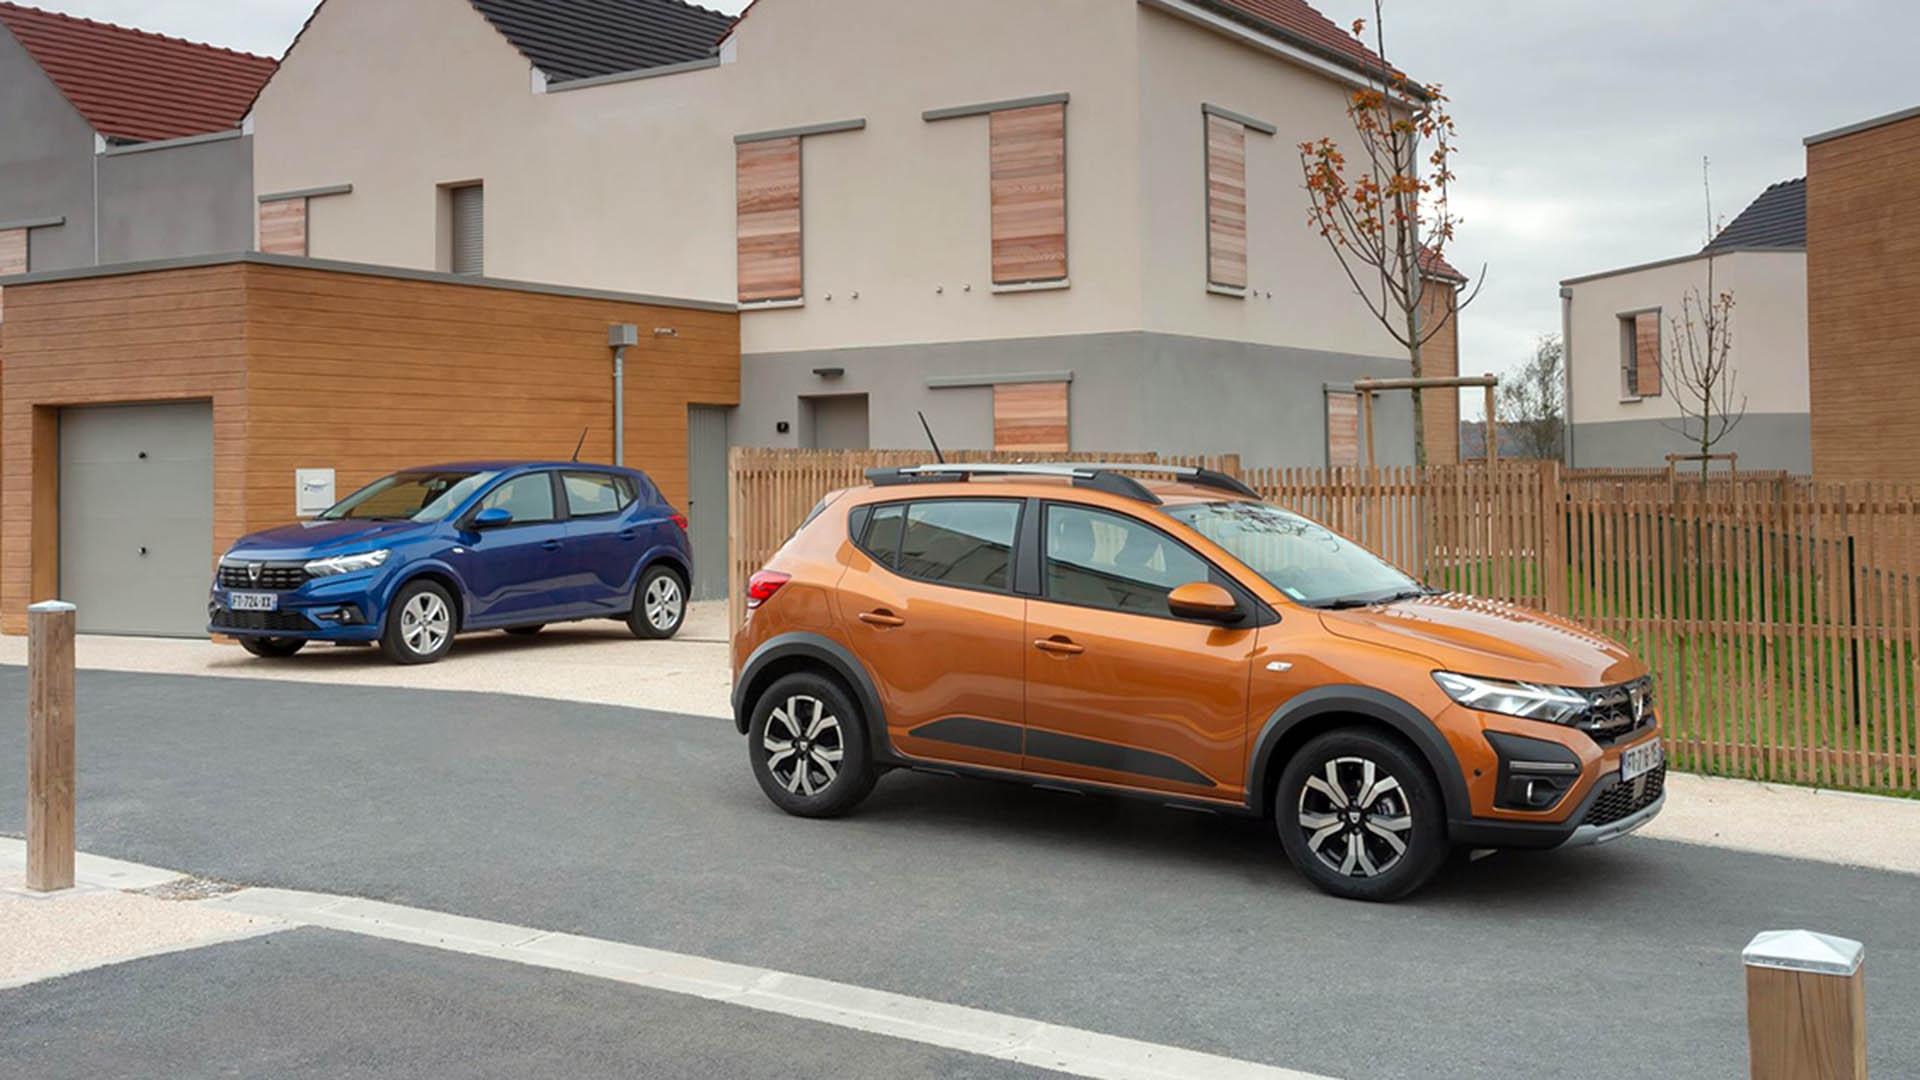 Αυτοκίνητο έκπληξη, στην κορυφή των ευρωπαϊκών πωλήσεων!